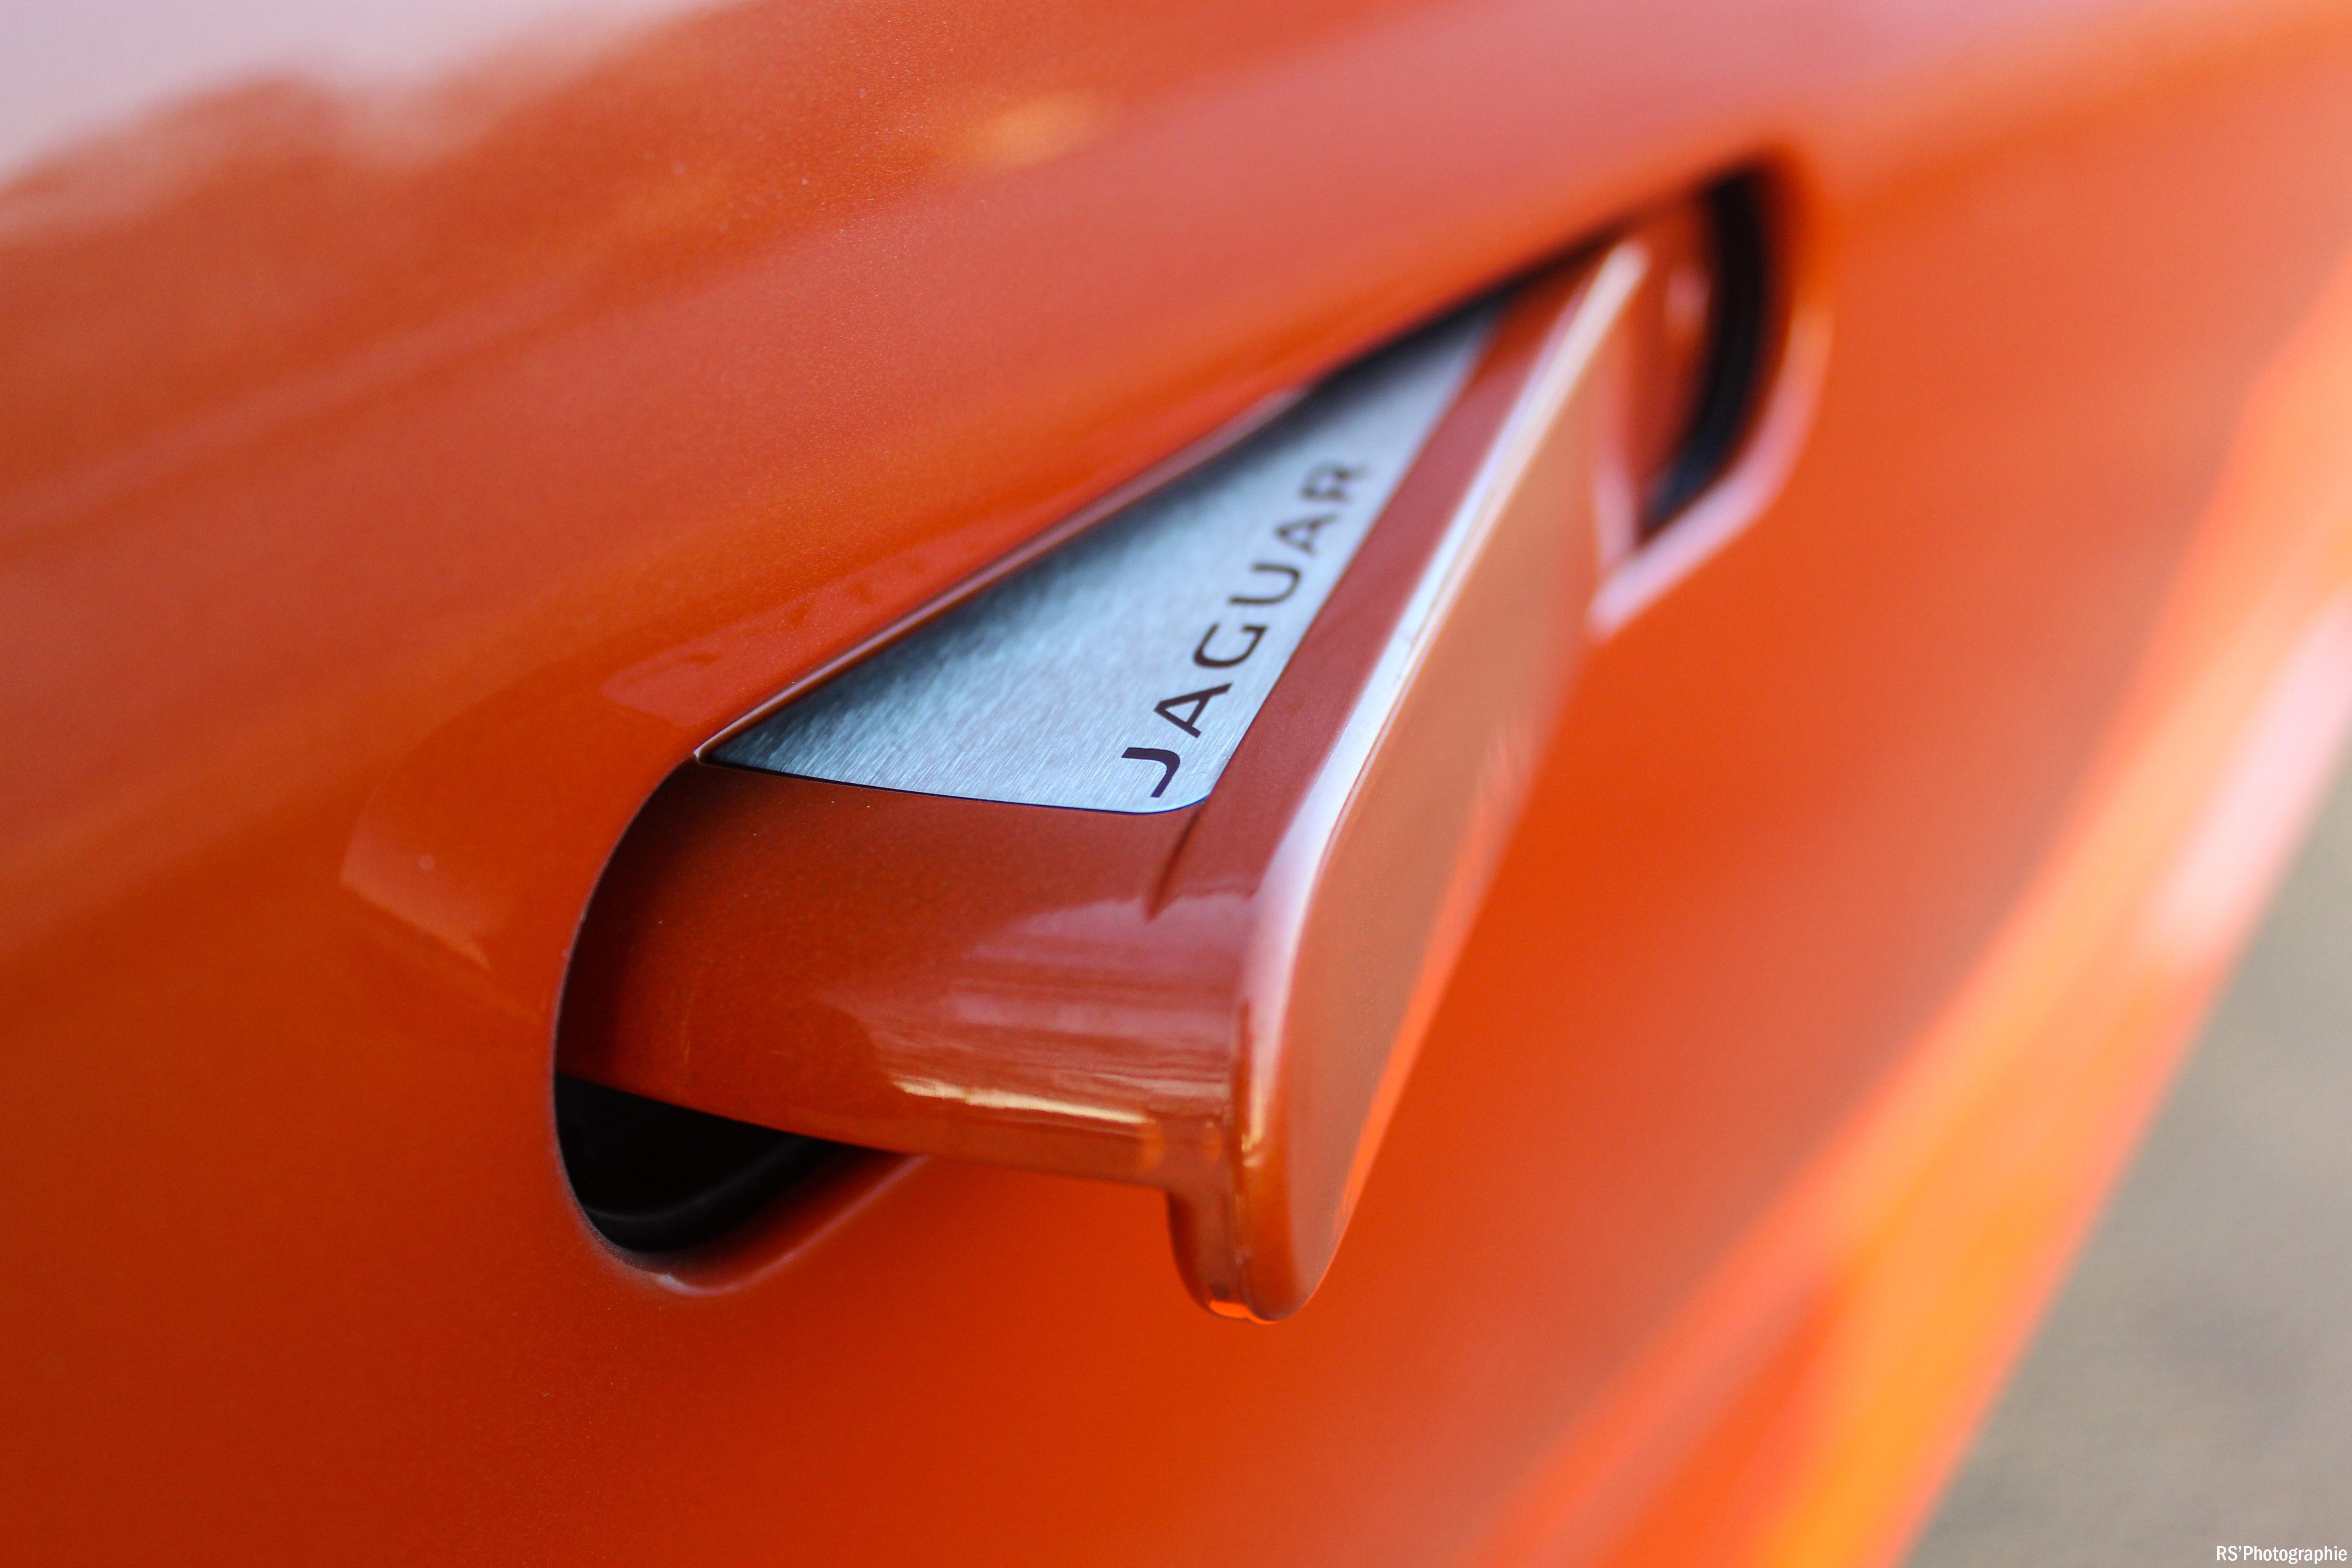 jaguarftypesvr64-jaguar-ftype-svr-poignée de porte-door handle-arnaud-demasier-rsphotographie